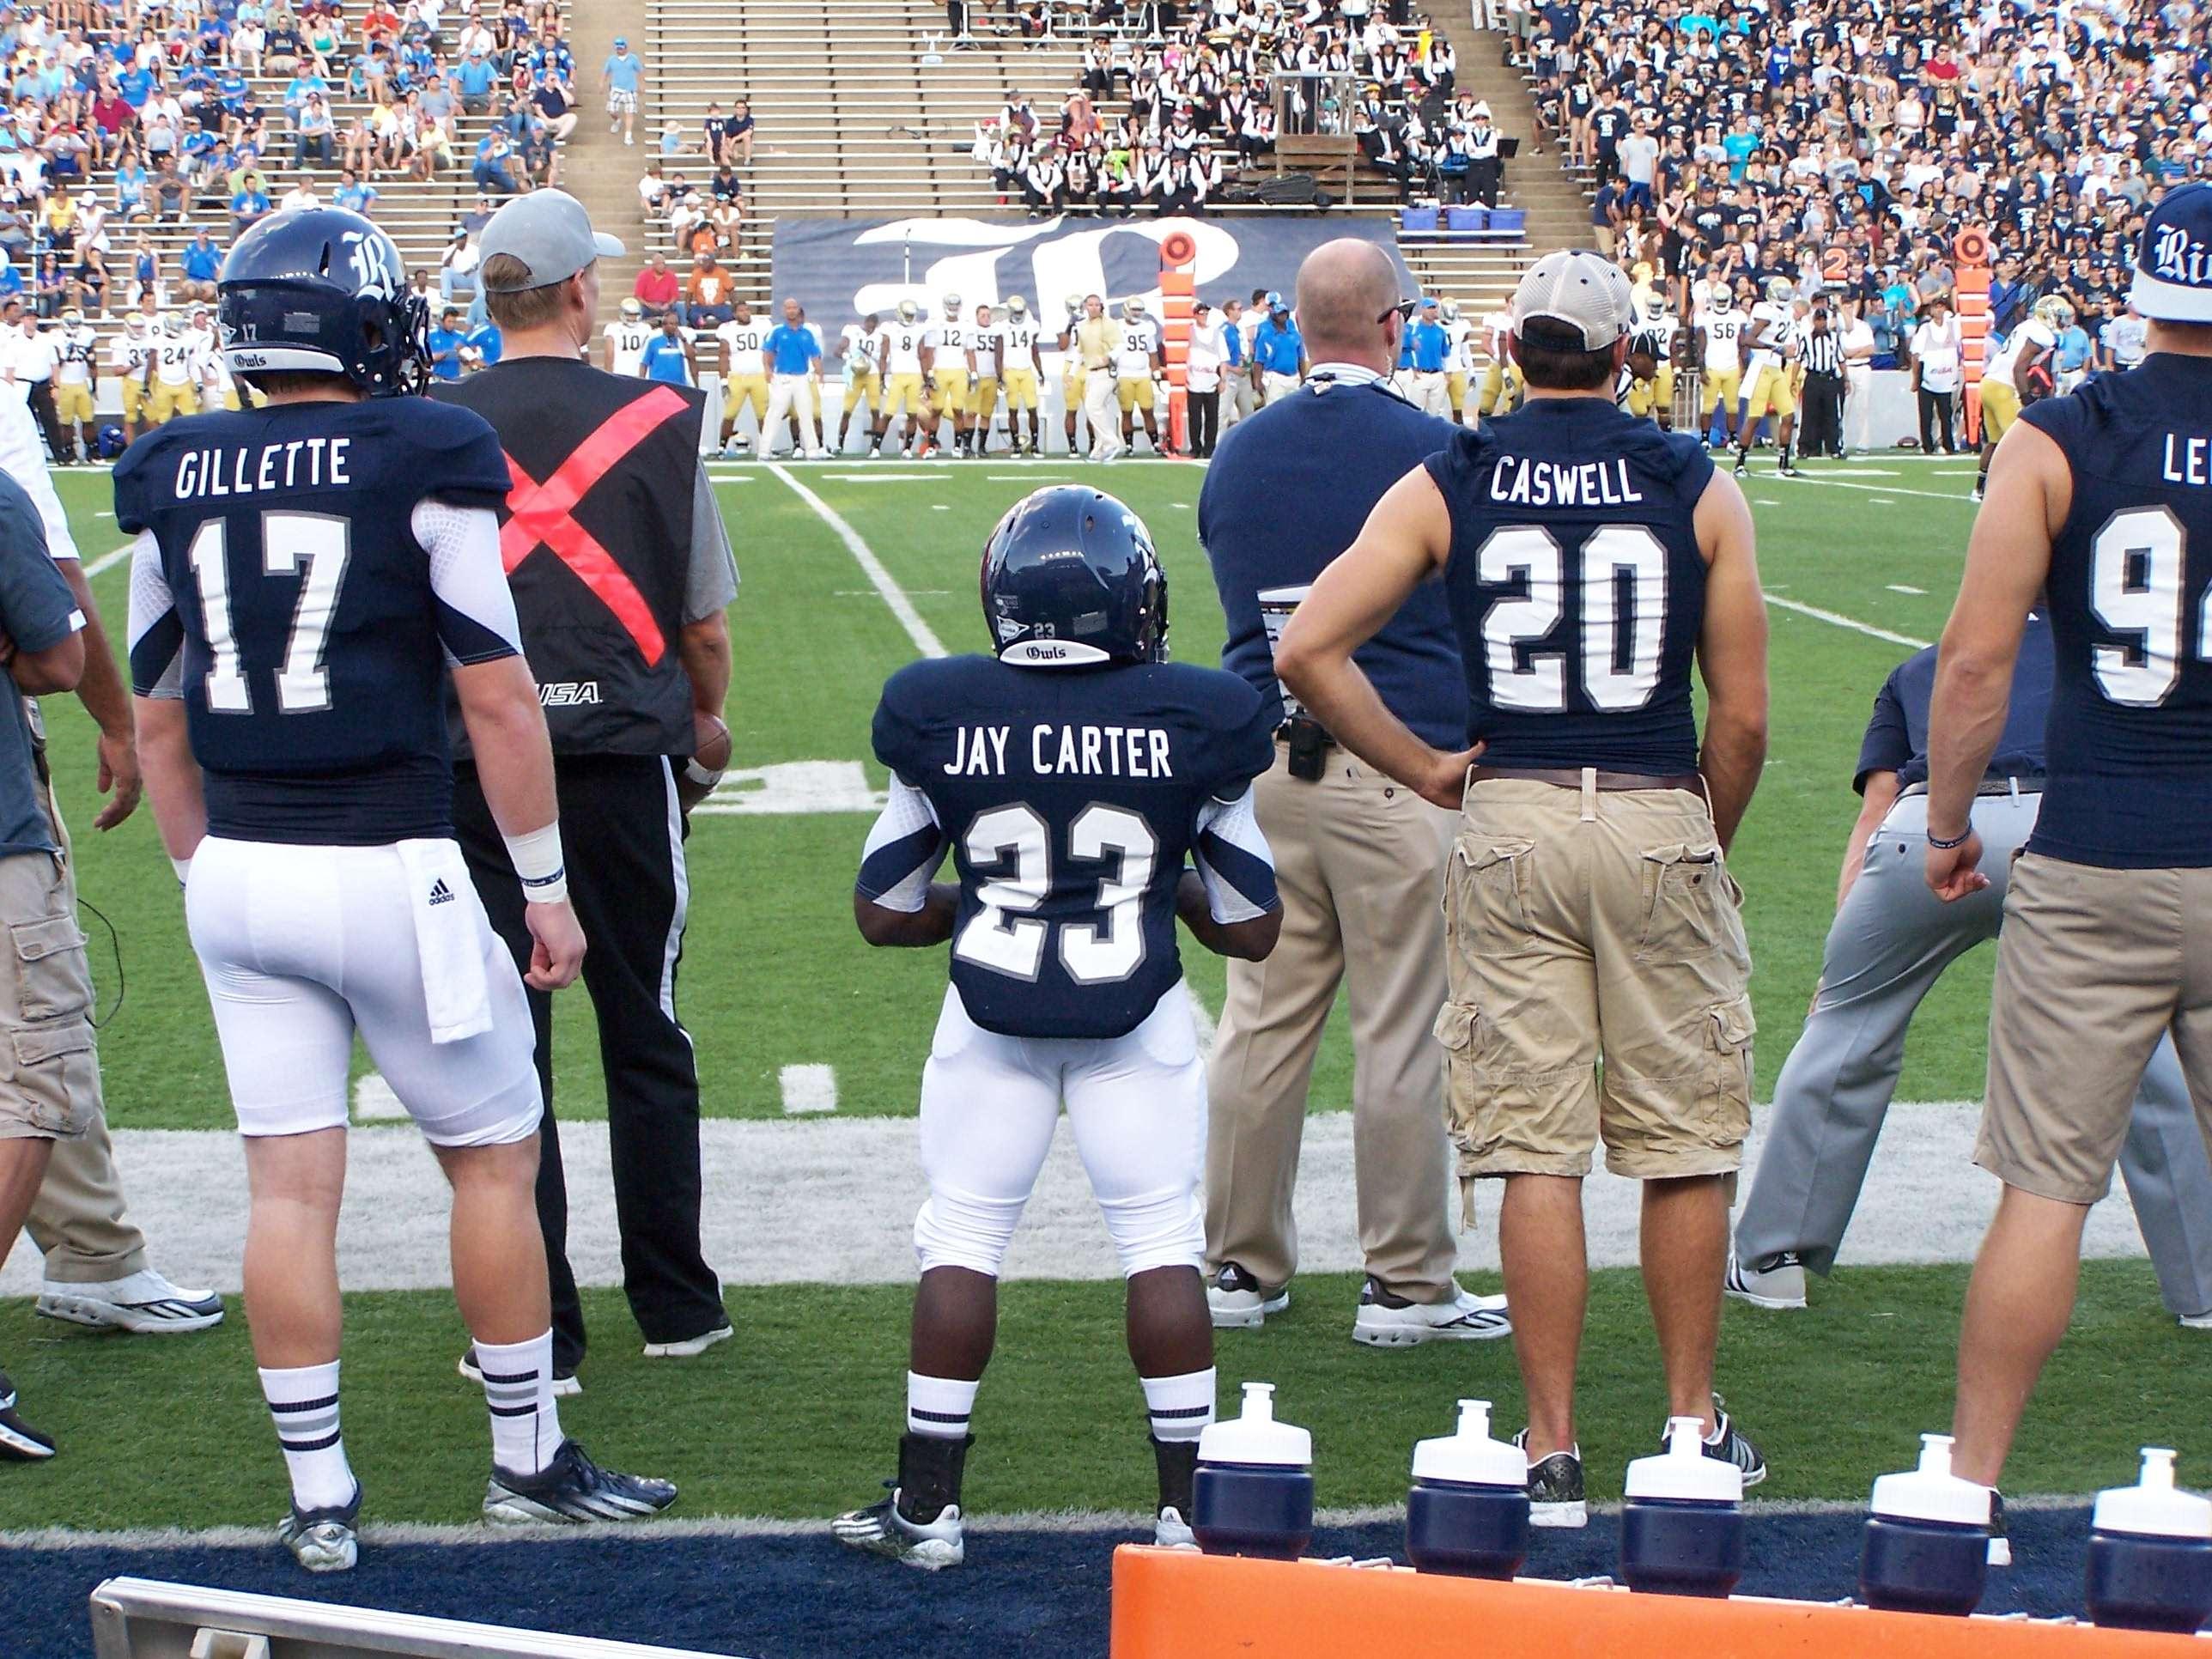 Jay Carter, toda una sensación en la NCAA Foto: Divulgación internet